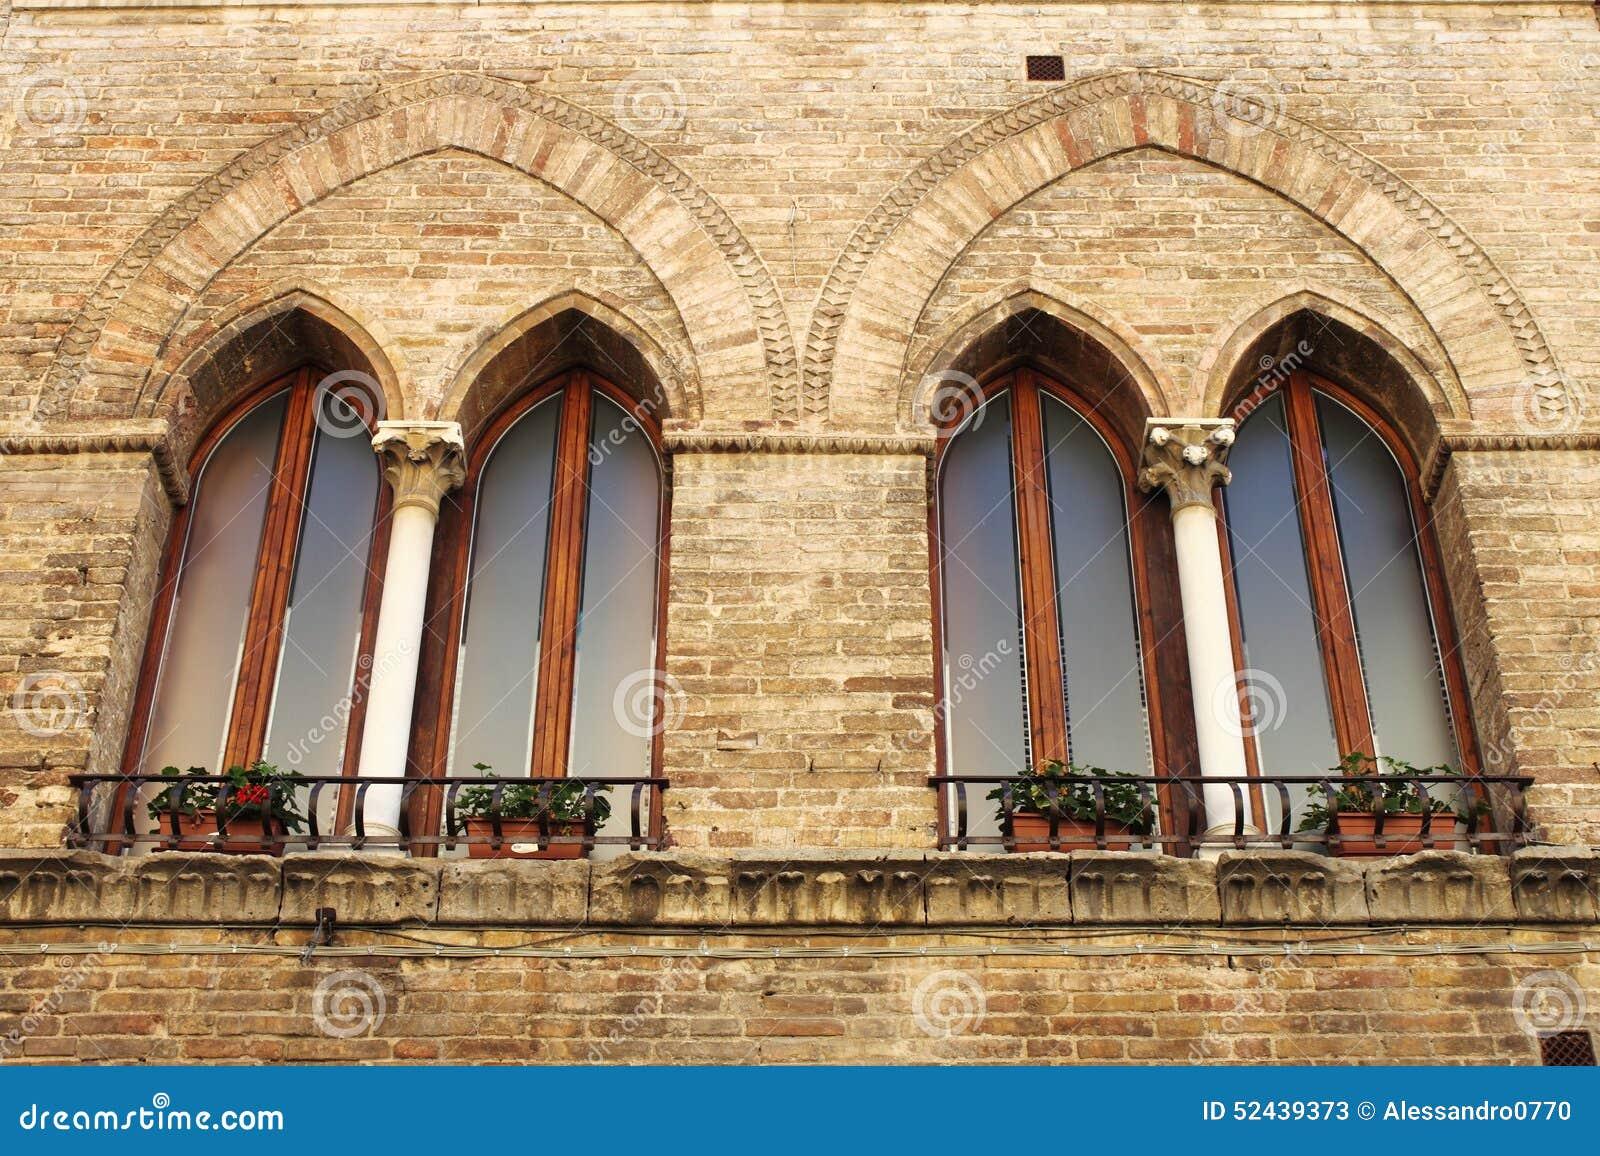 Finestre medioevali immagine stock immagine di costruzione 52439373 - Finestre castelli medievali ...